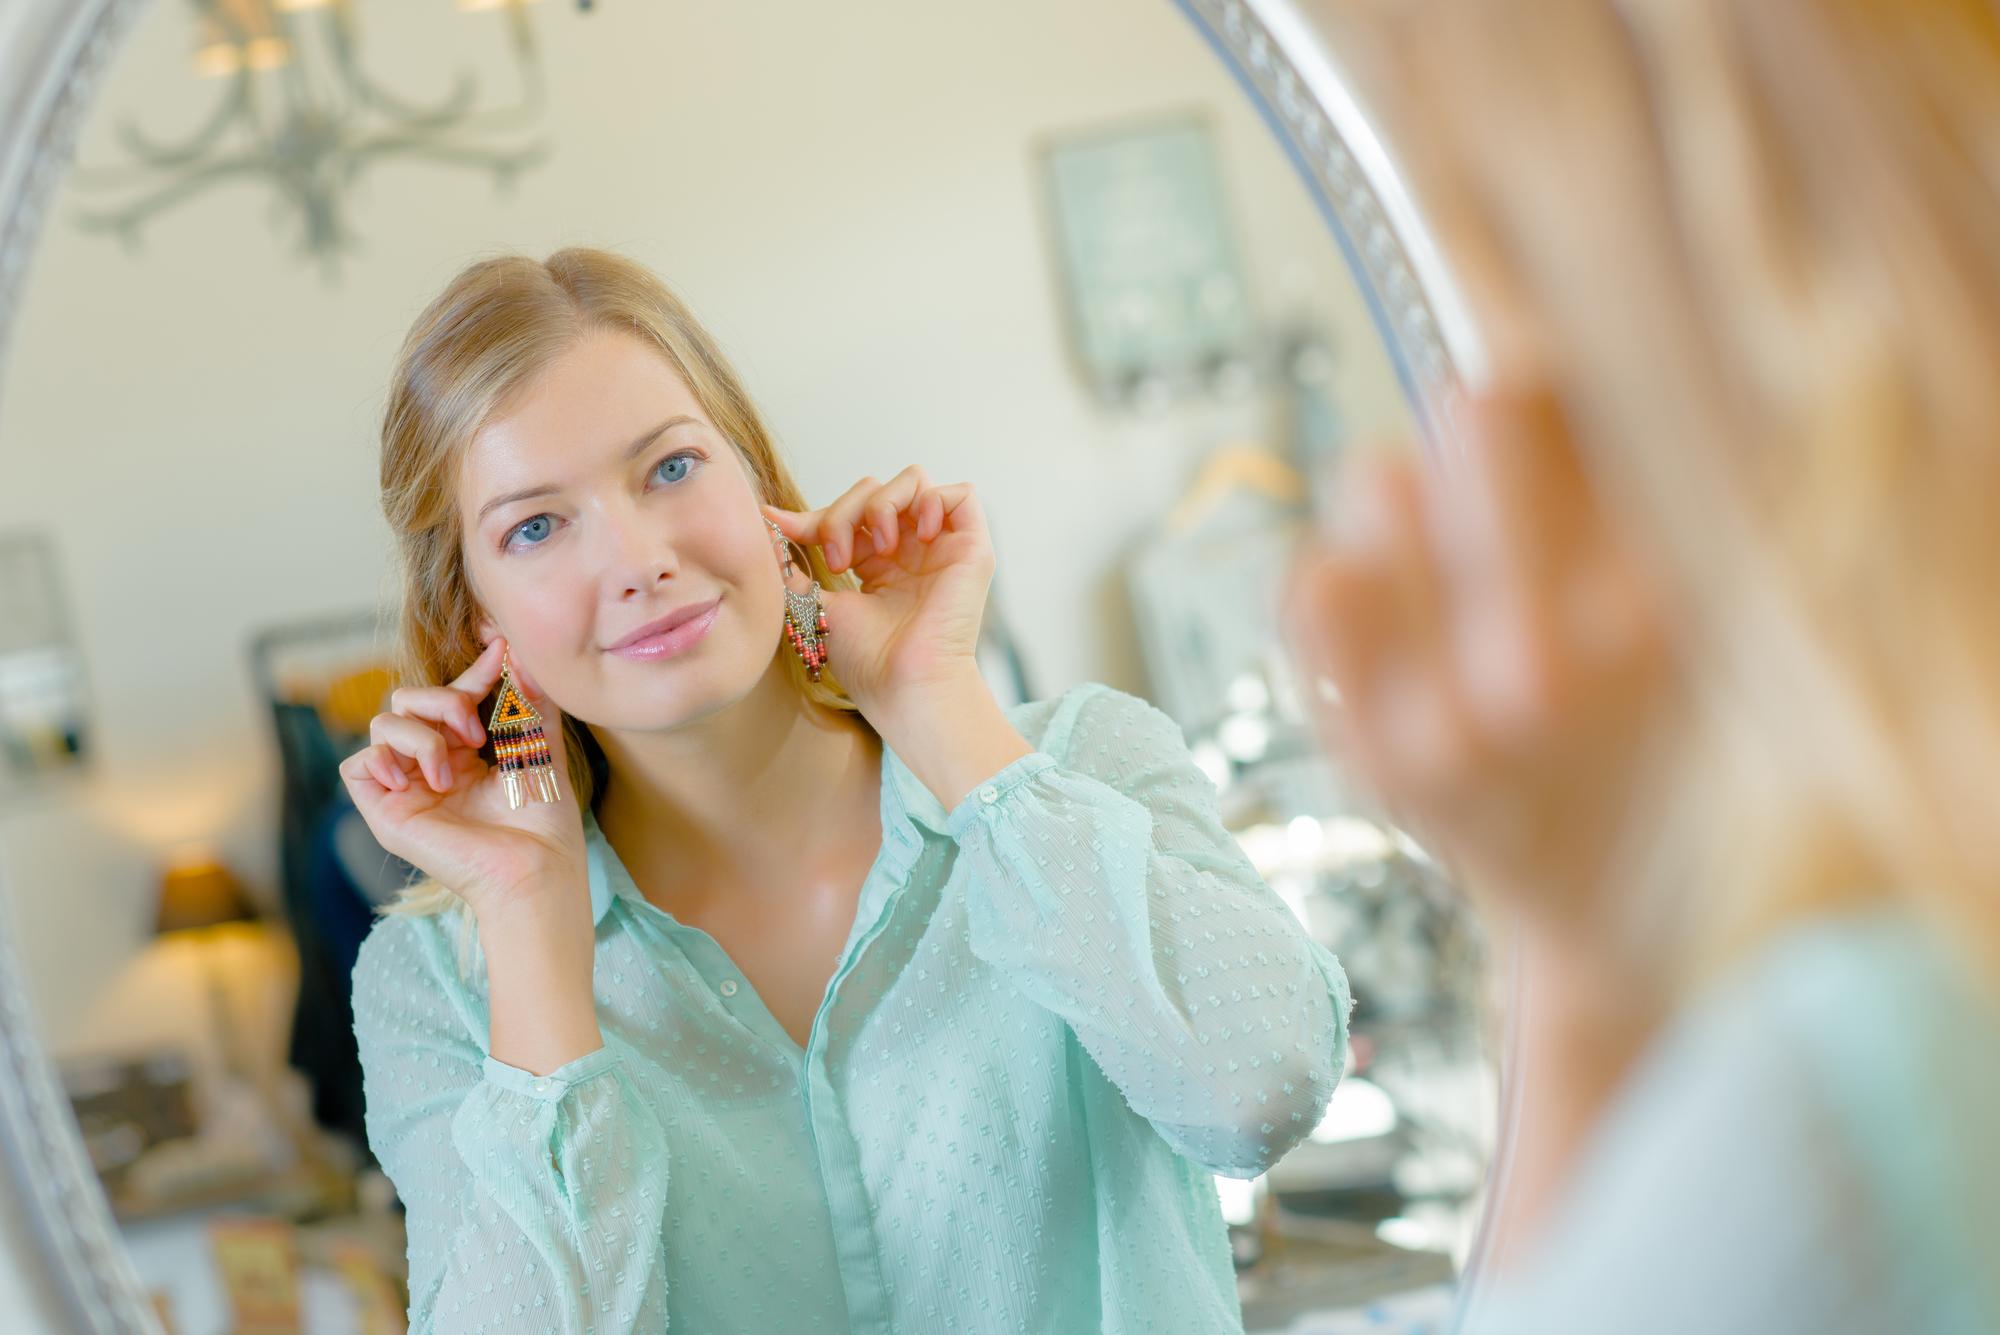 Как носить серьги люстры? Правила ношения сережек до плеч